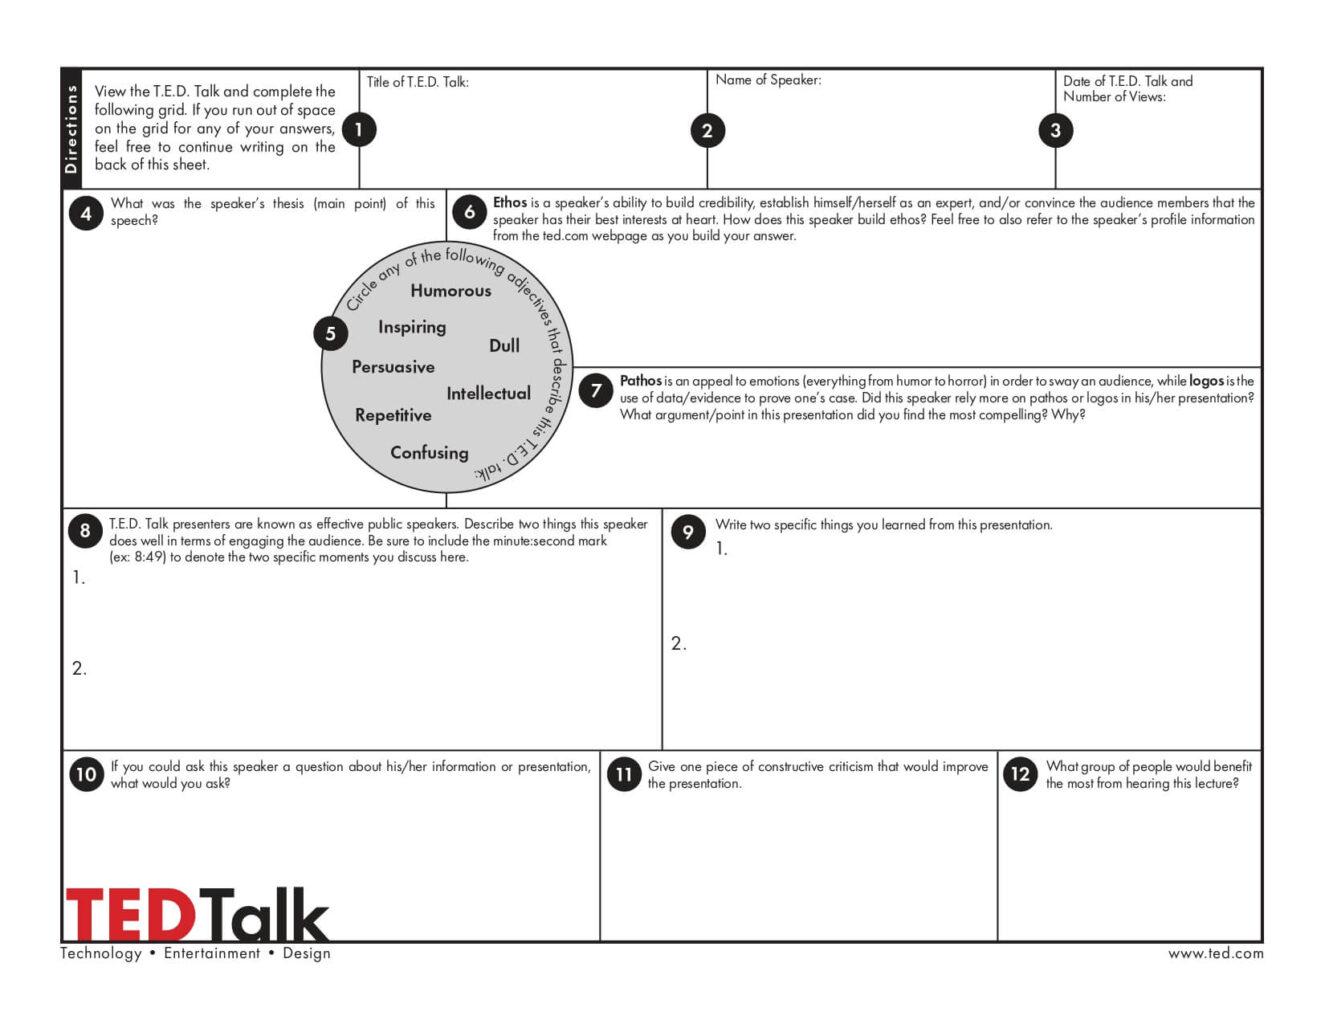 کاربرگ مناسب برای استفاده آموزشی از سخنرانیهای تد (TED Talks)